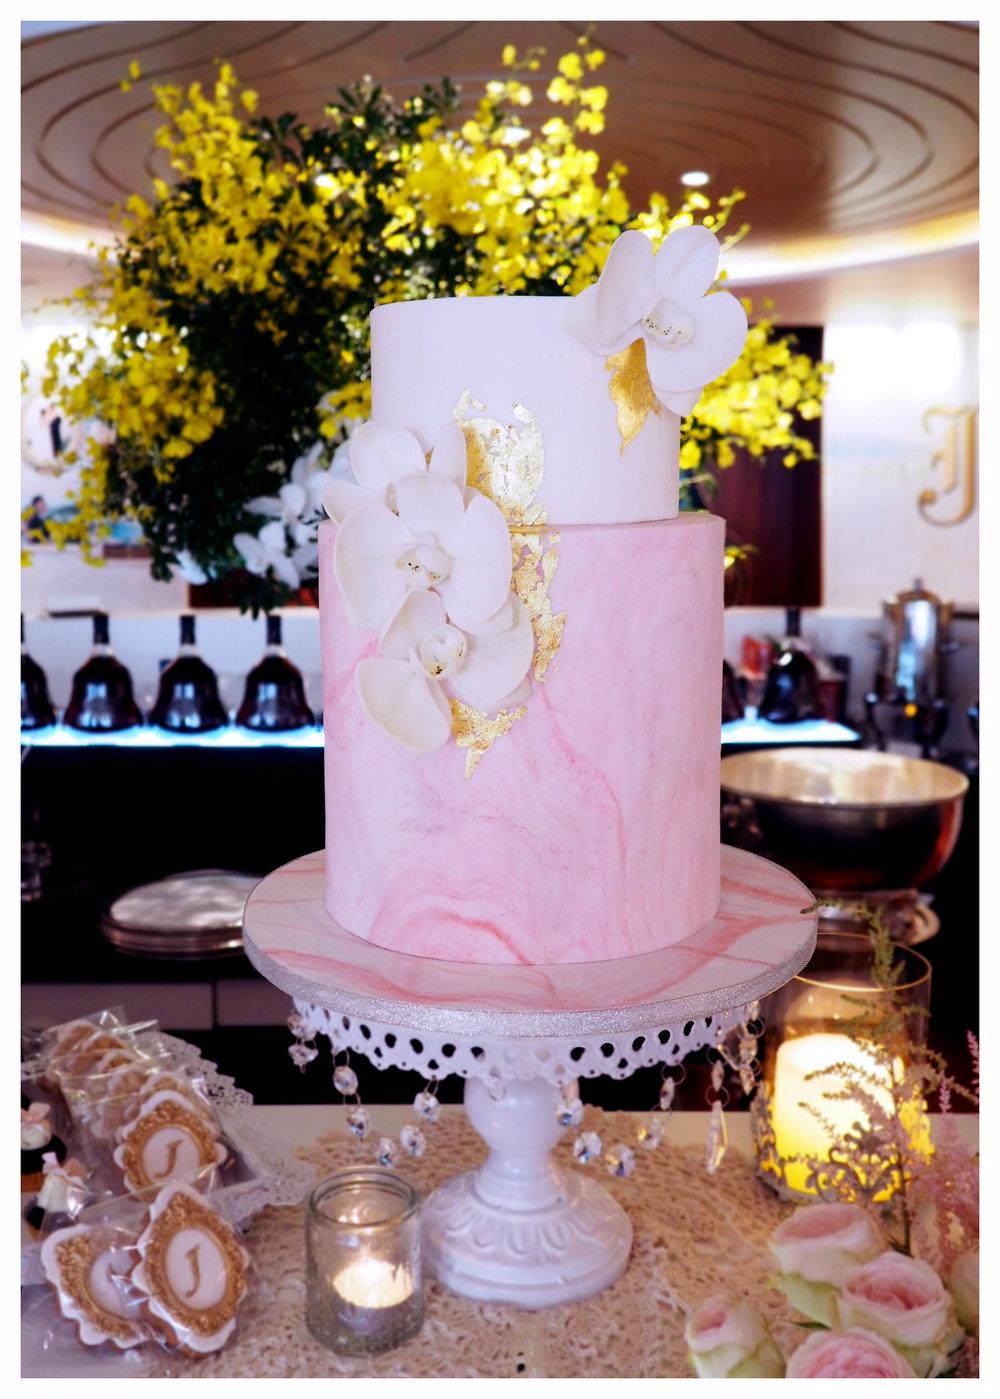 J&J wedding cake V2.jpg